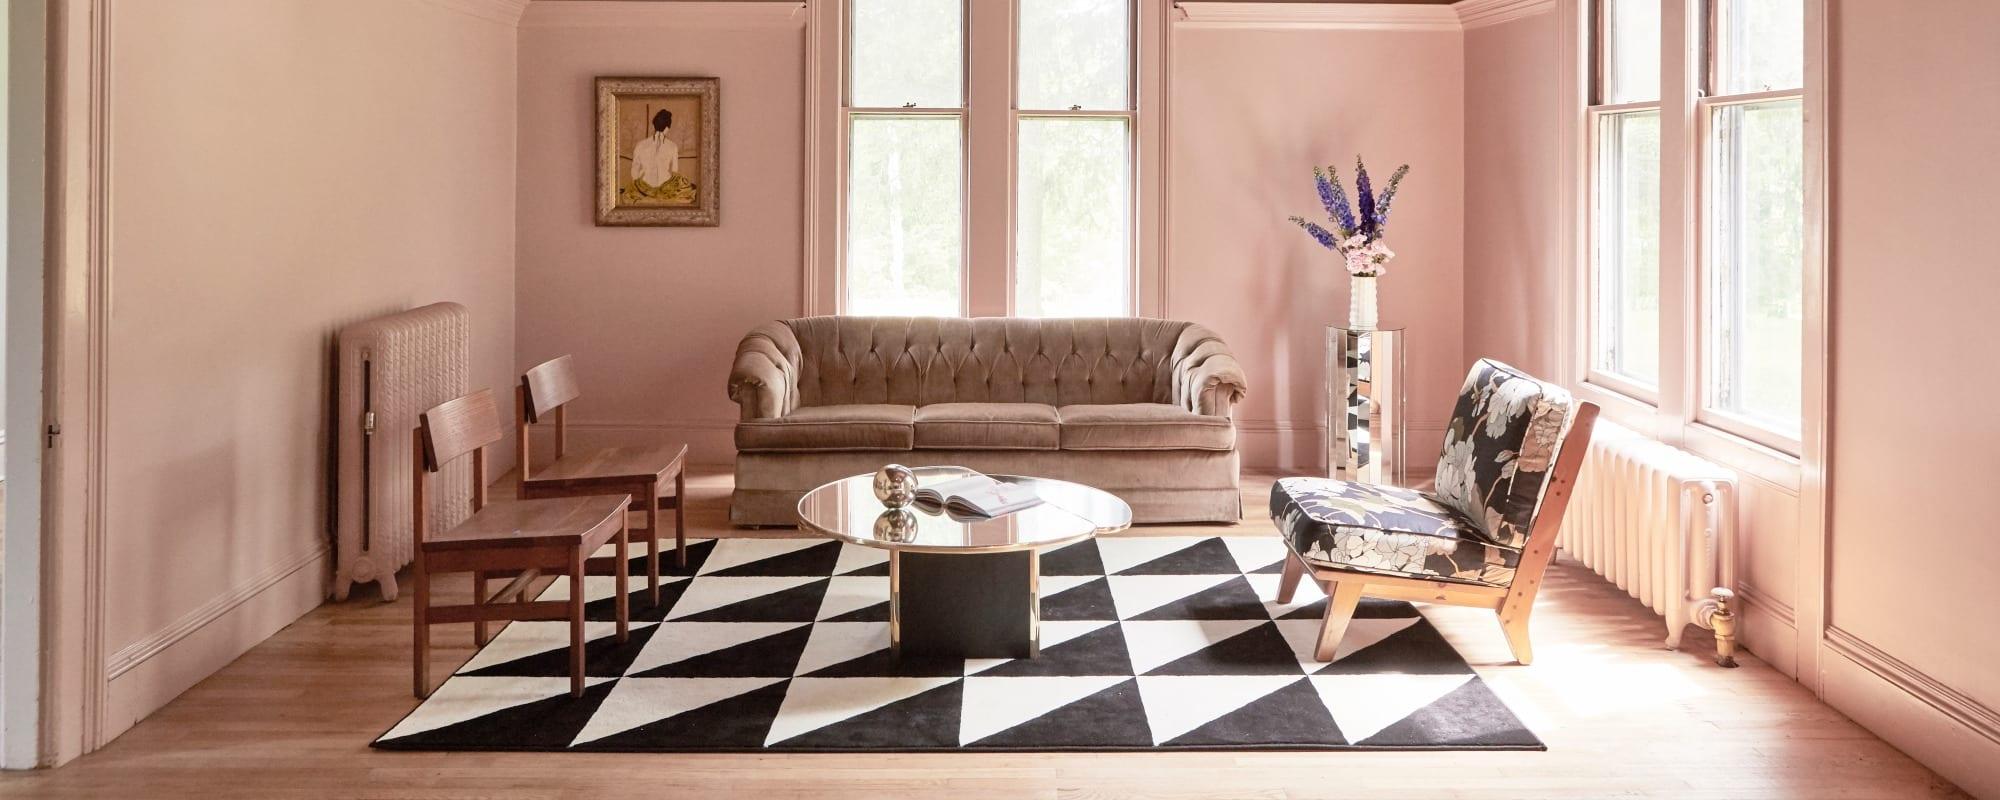 Ein in altrosa getünchtes Zimmer mit zwei Stühlen, einem Sofa und einem Sessel, die auf einem Teppich mit Zickzack-Muster stehen.